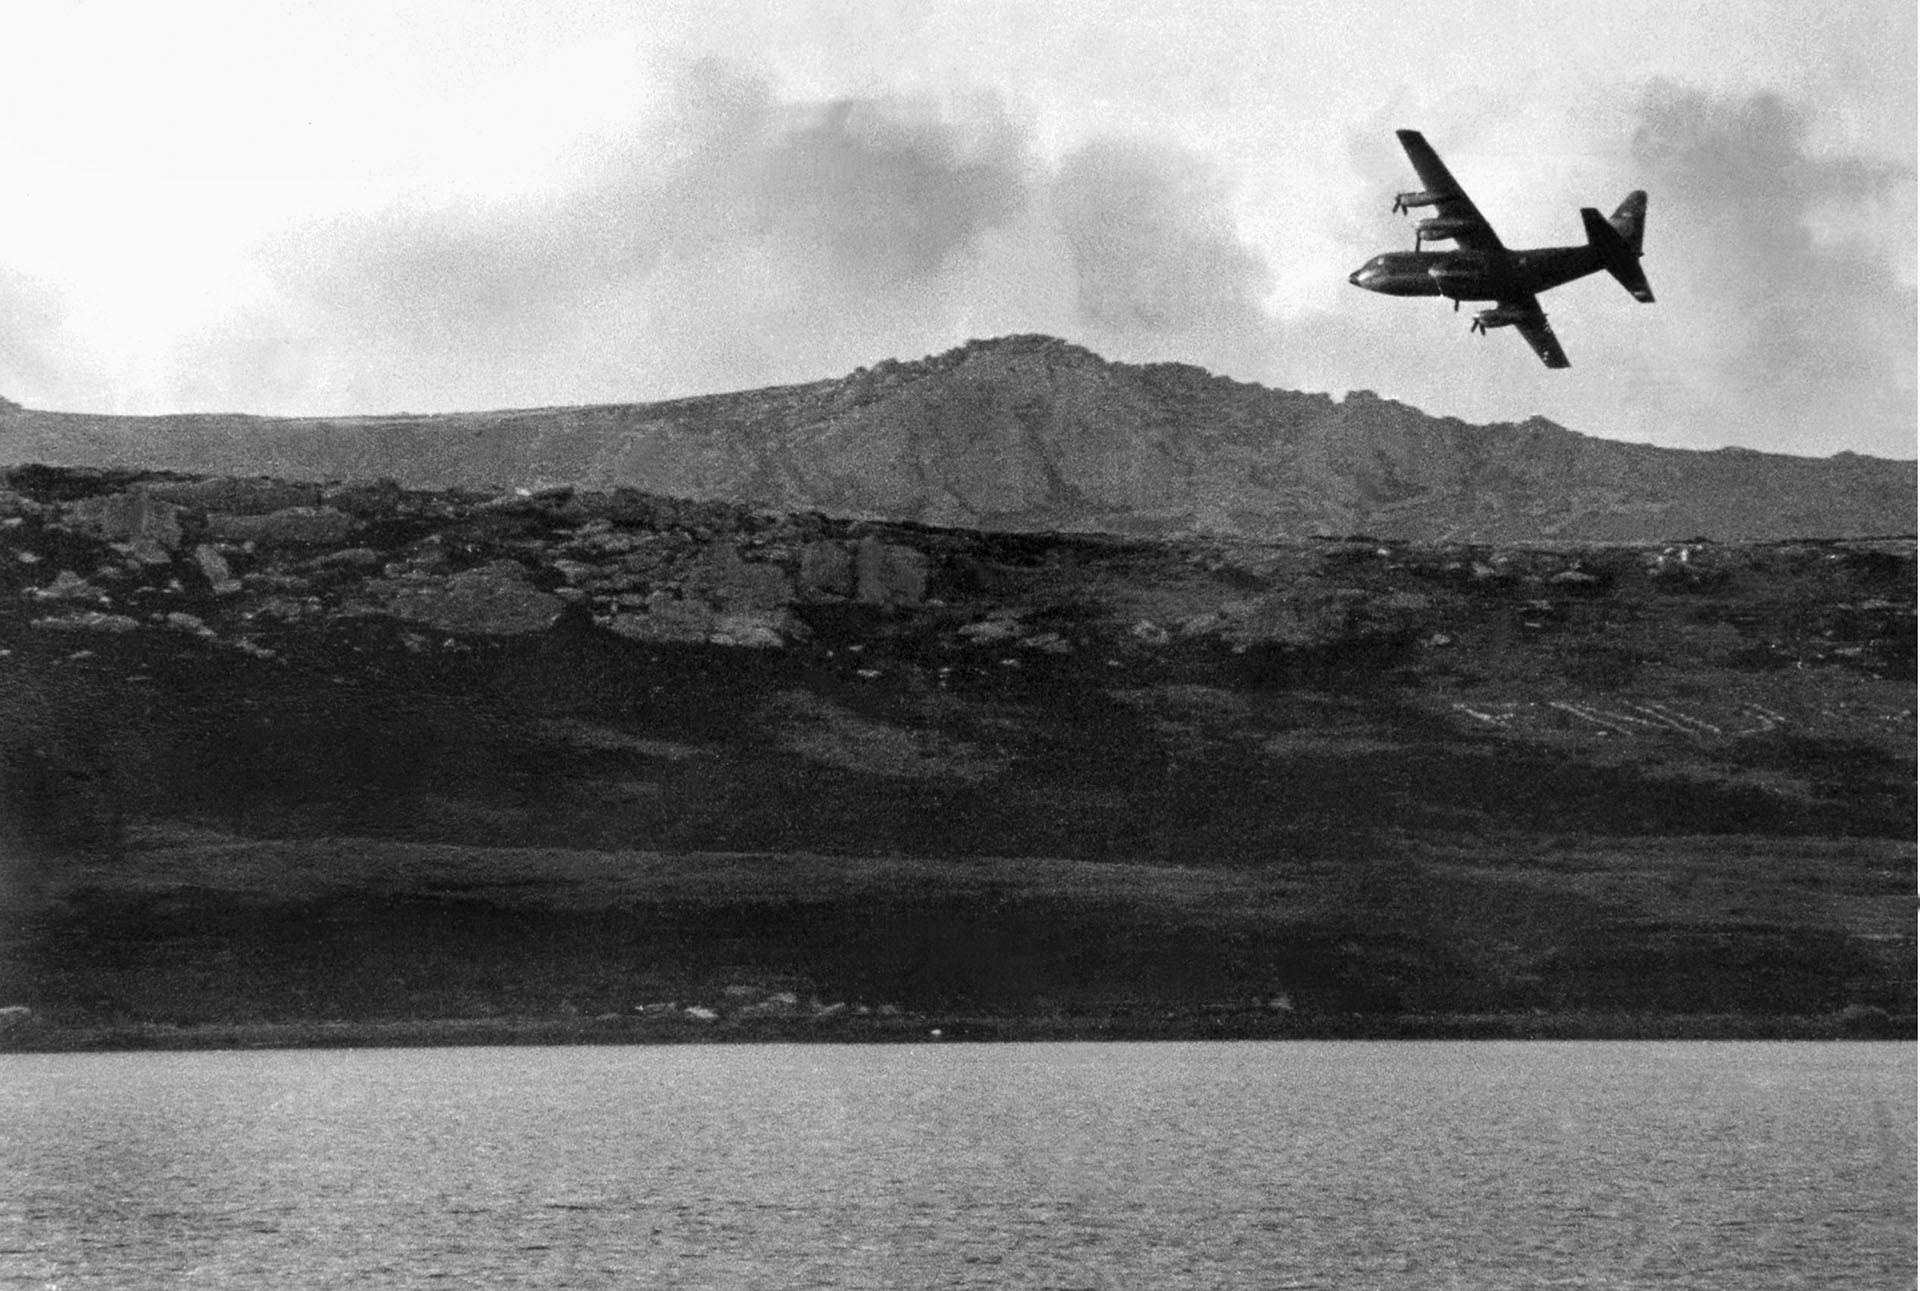 """Así llegaban y así se iban, volando a ras del piso y """"besando"""" los montes cercanos. Las Chanchas estuvieron casi 428 horas en el aire y transportaron 450.000 toneladas de carga en 60 vuelos (Foto: Eduardo Farré)."""